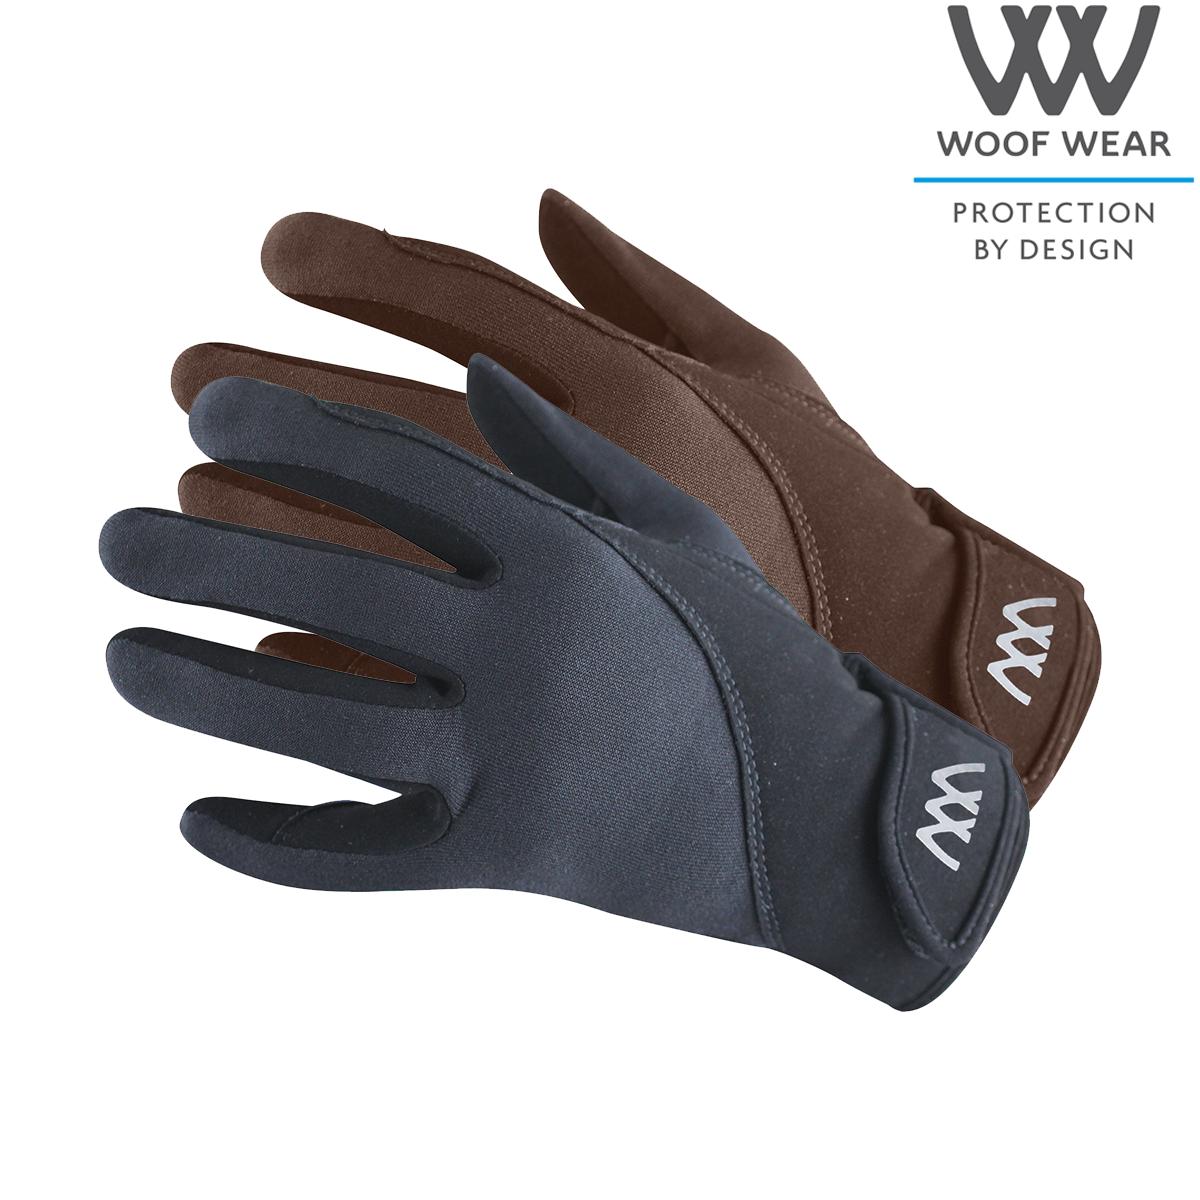 Woof Wear Precision guanto termico-consegna gratuita nel Regno Unito